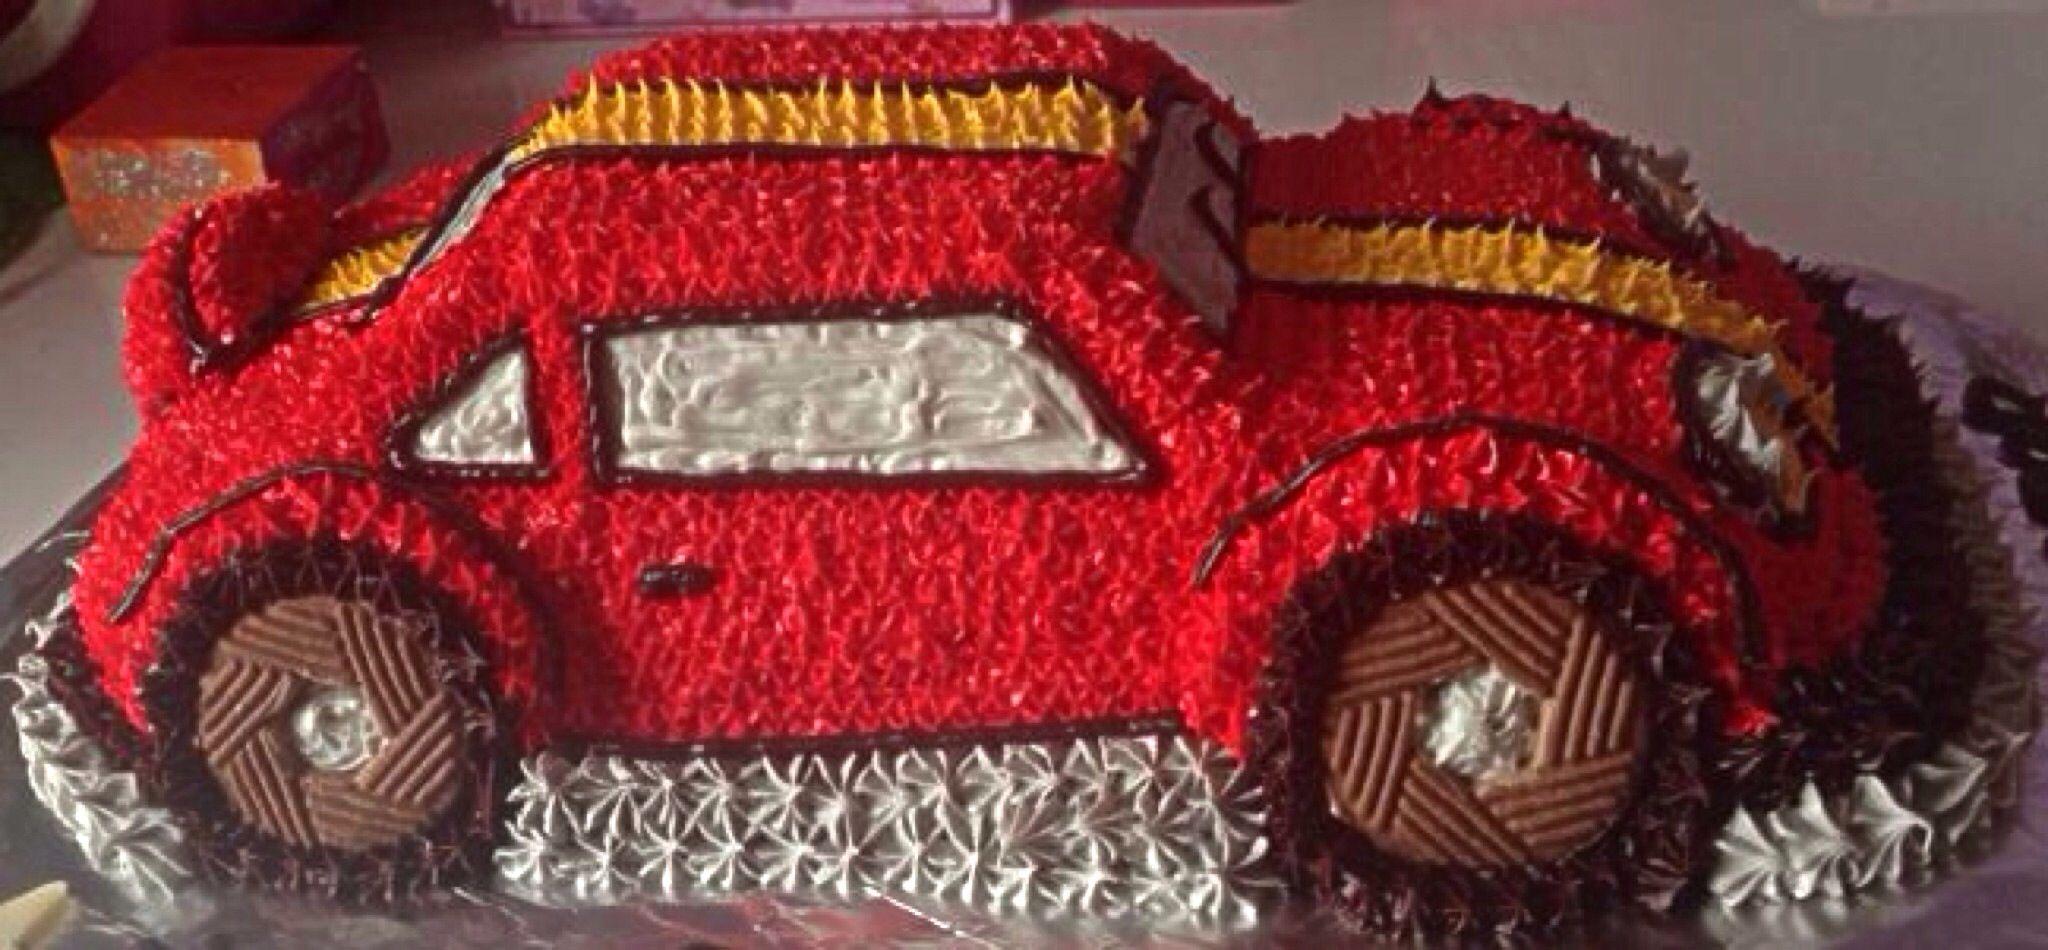 Race Car cake made using Wilton 3D cruiser cake pan cake pan ideas